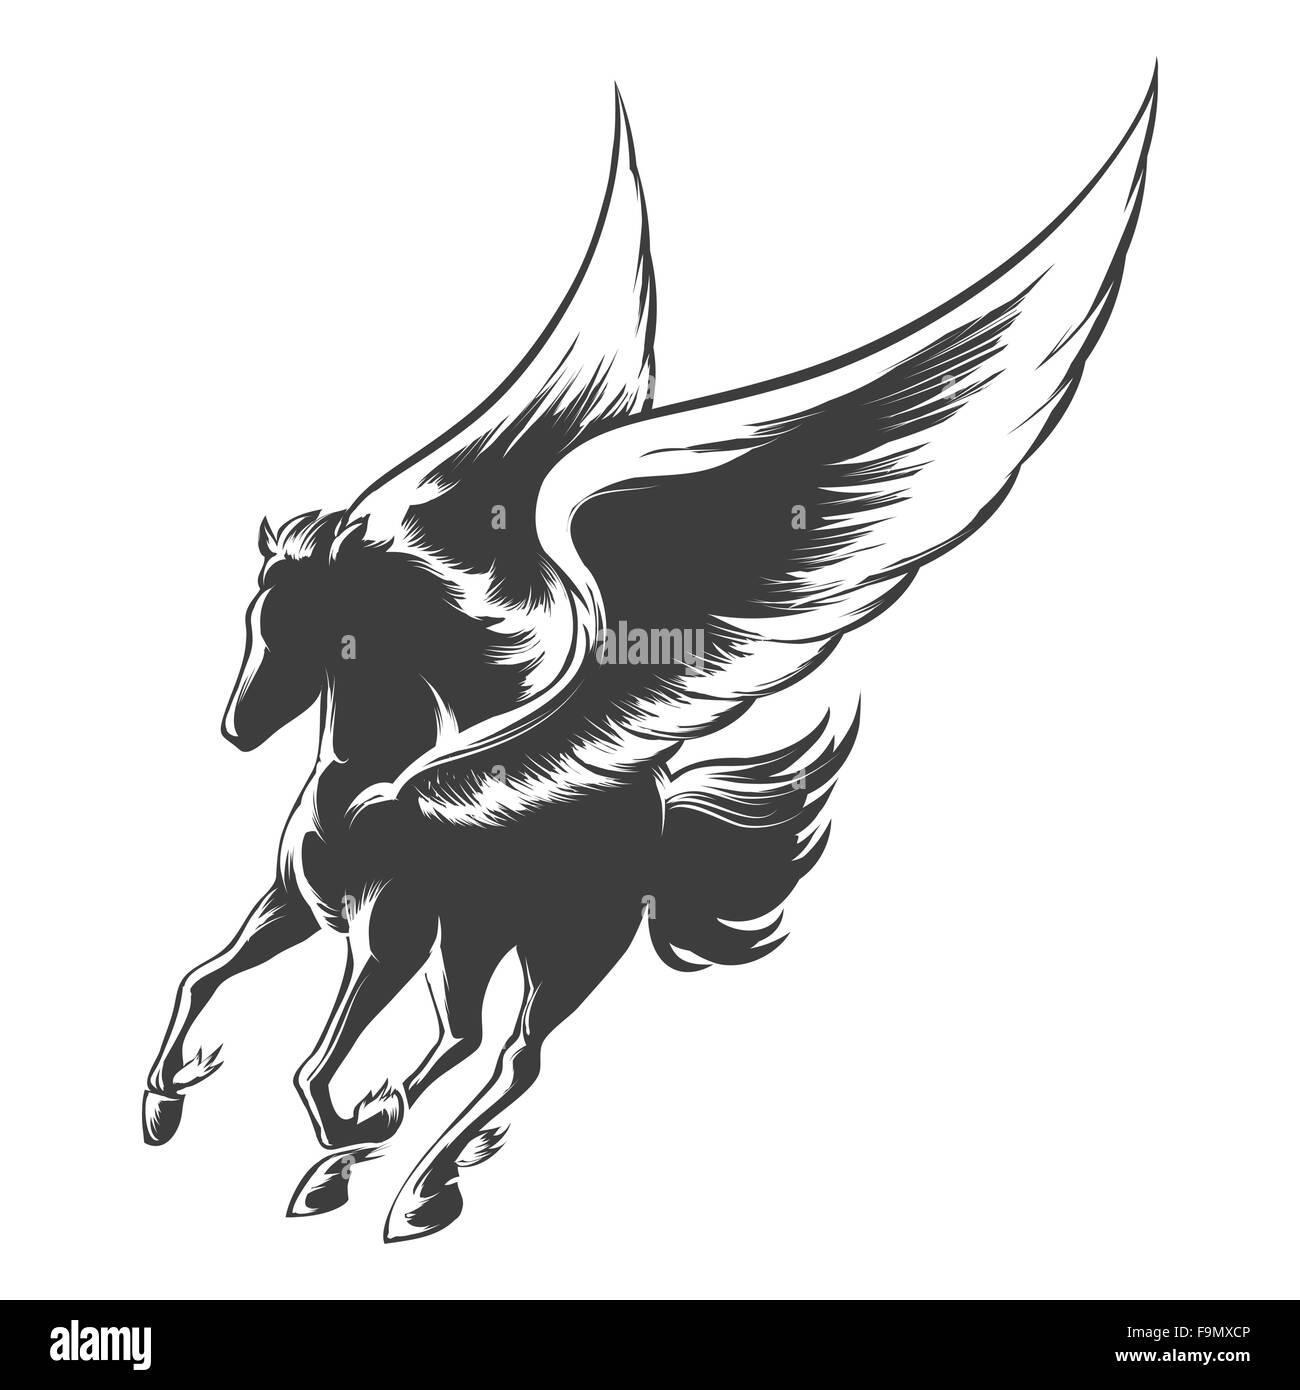 Pegaso Cavallo Alato Disegno.Cavallo Alato Pegaso Illustrazione In Stile Di Incisione